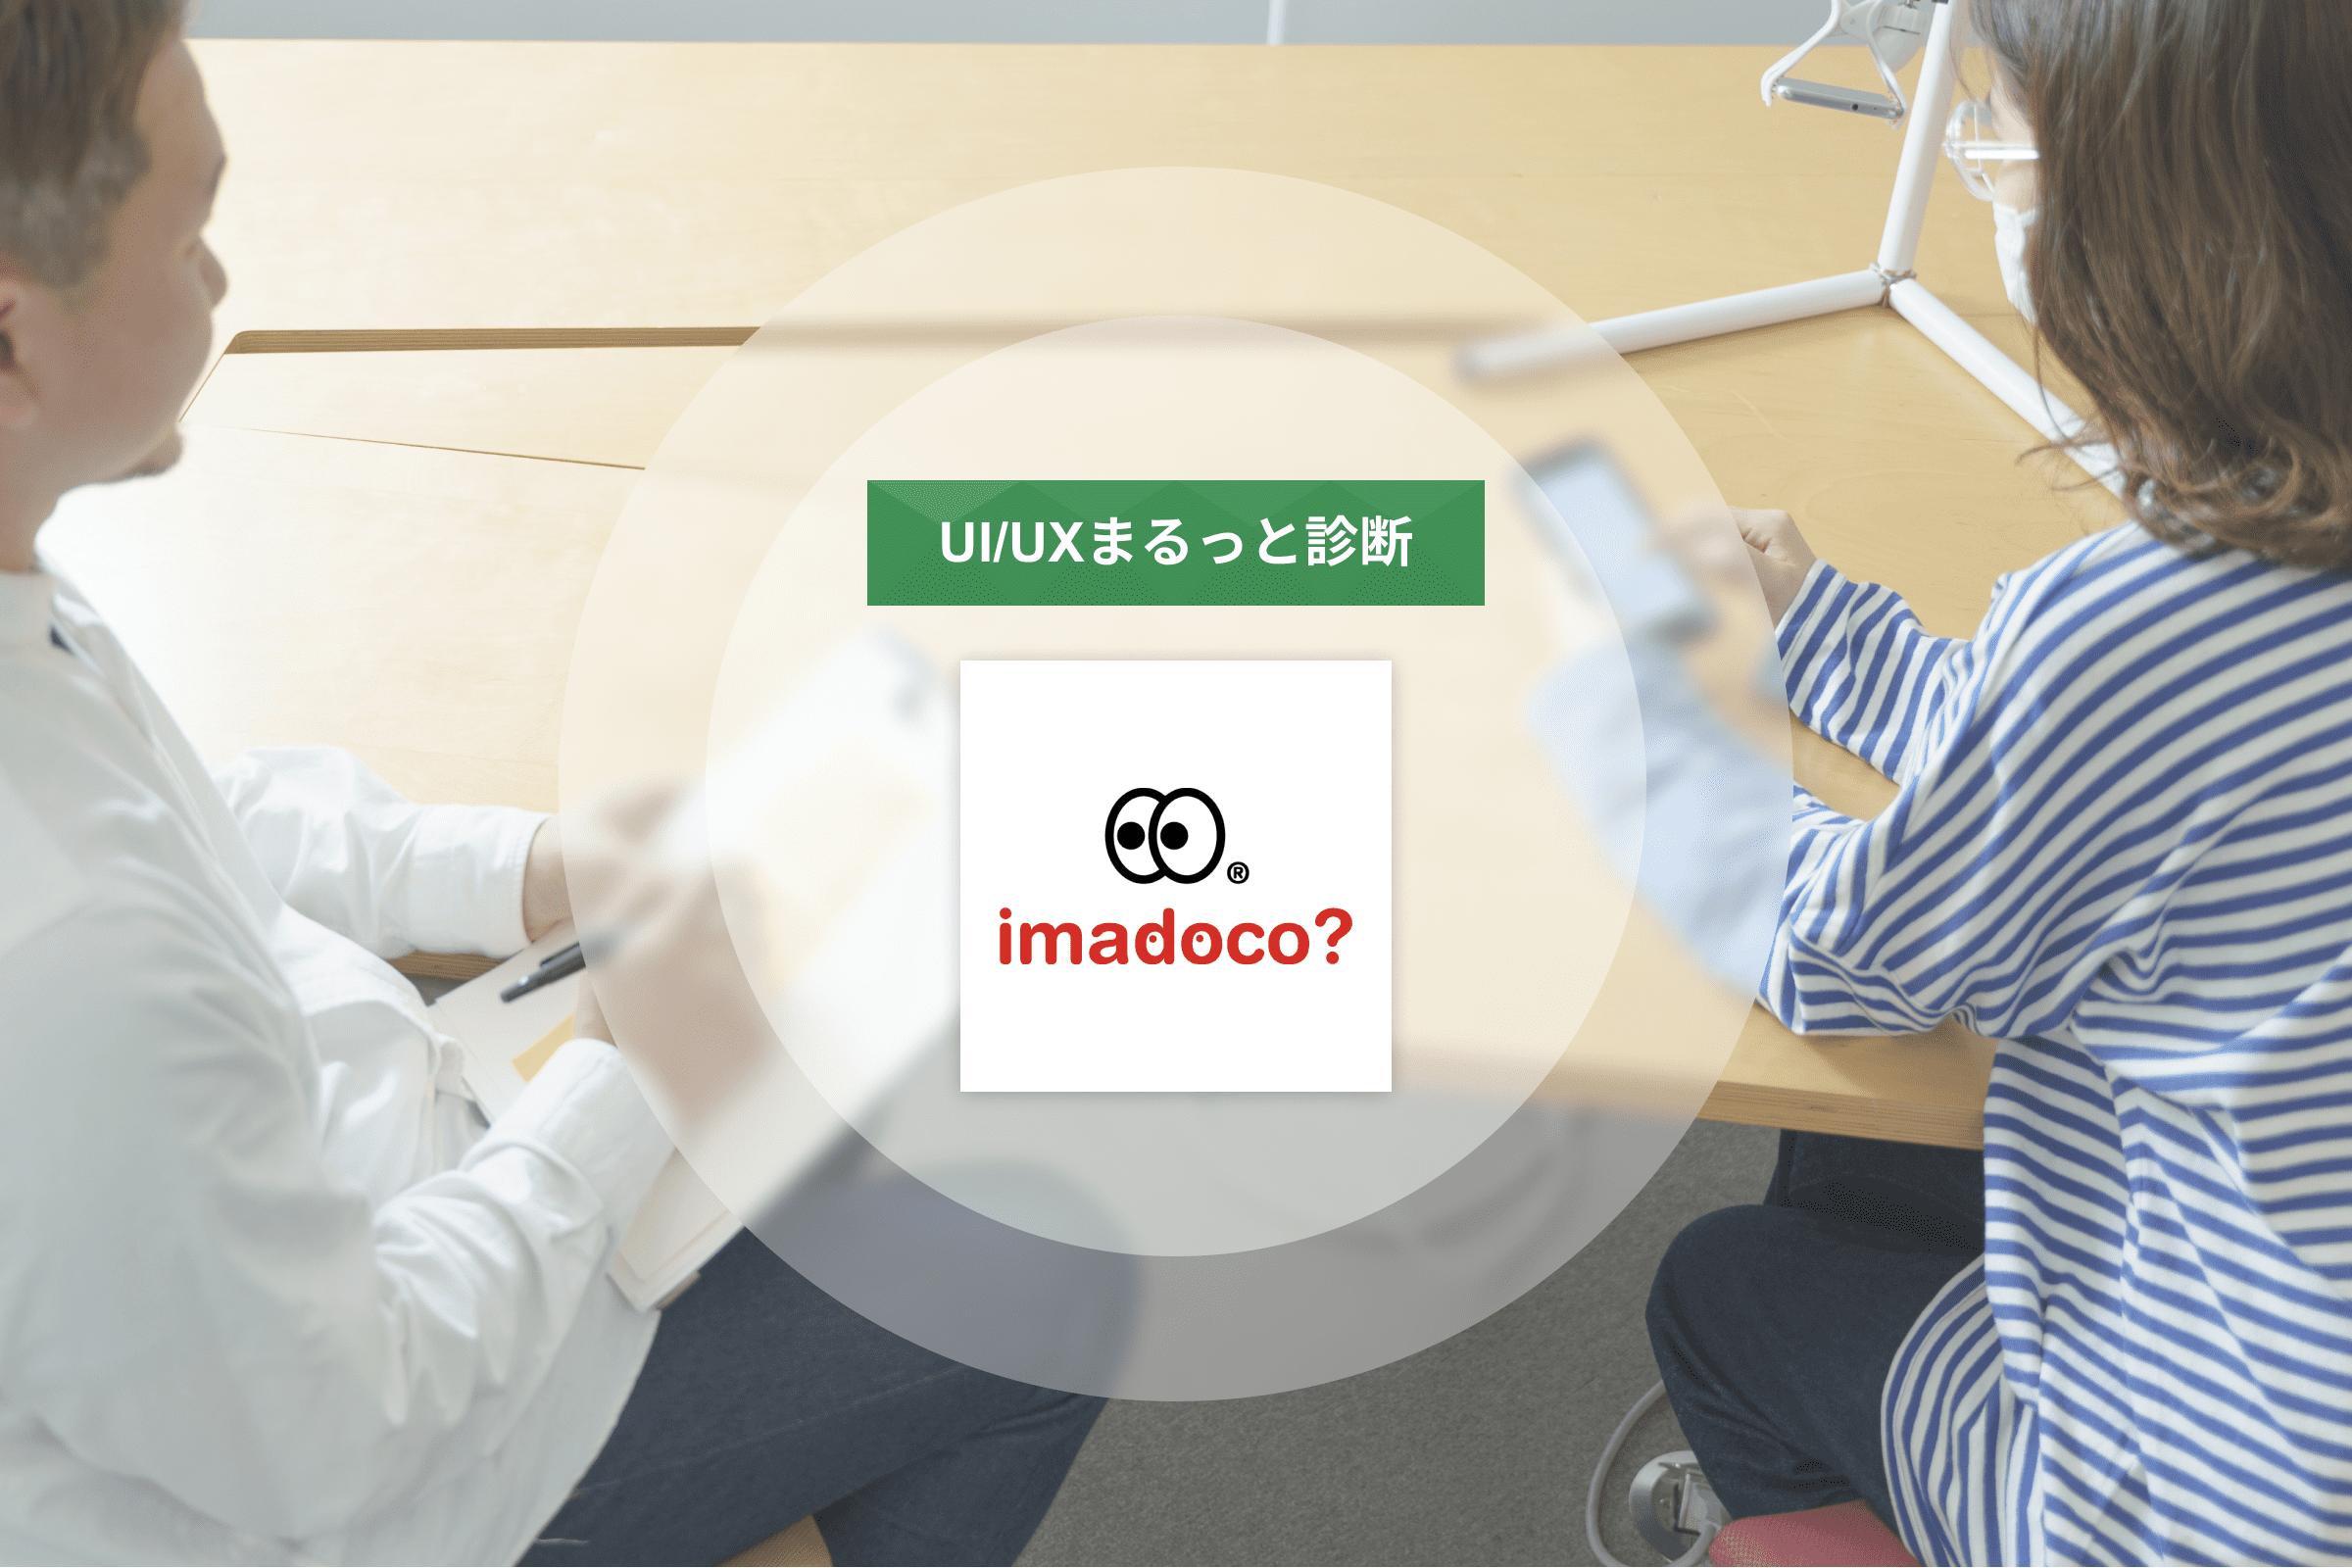 株式会社NTTドコモ様 イマドコサーチUI/UXまるっと診断